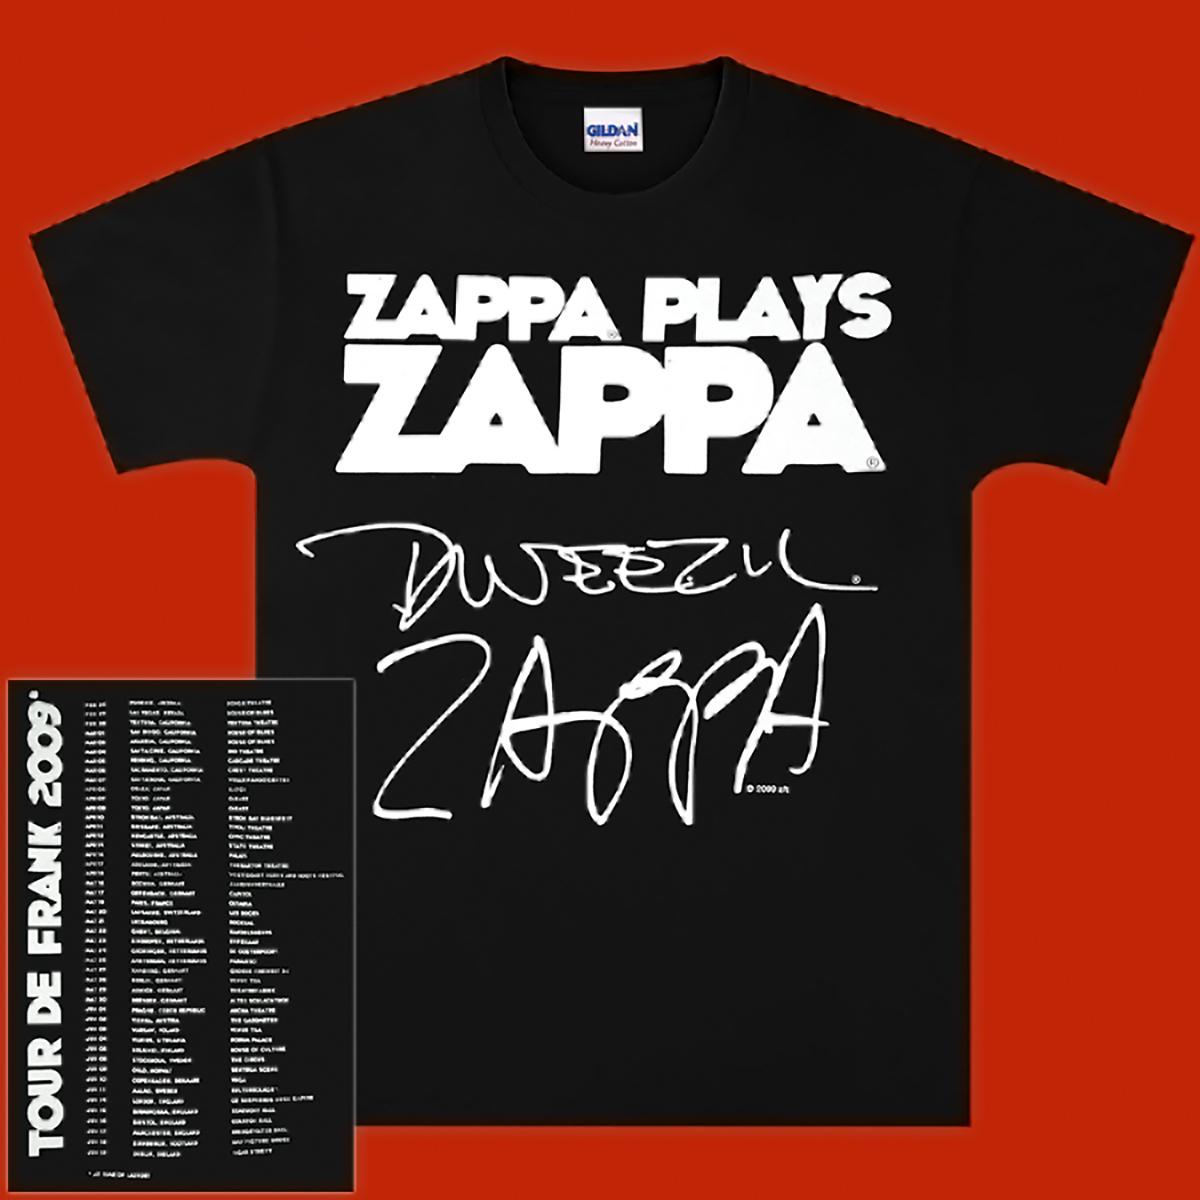 Zappa Plays Zappa - Tour de Frank 2009 Tee